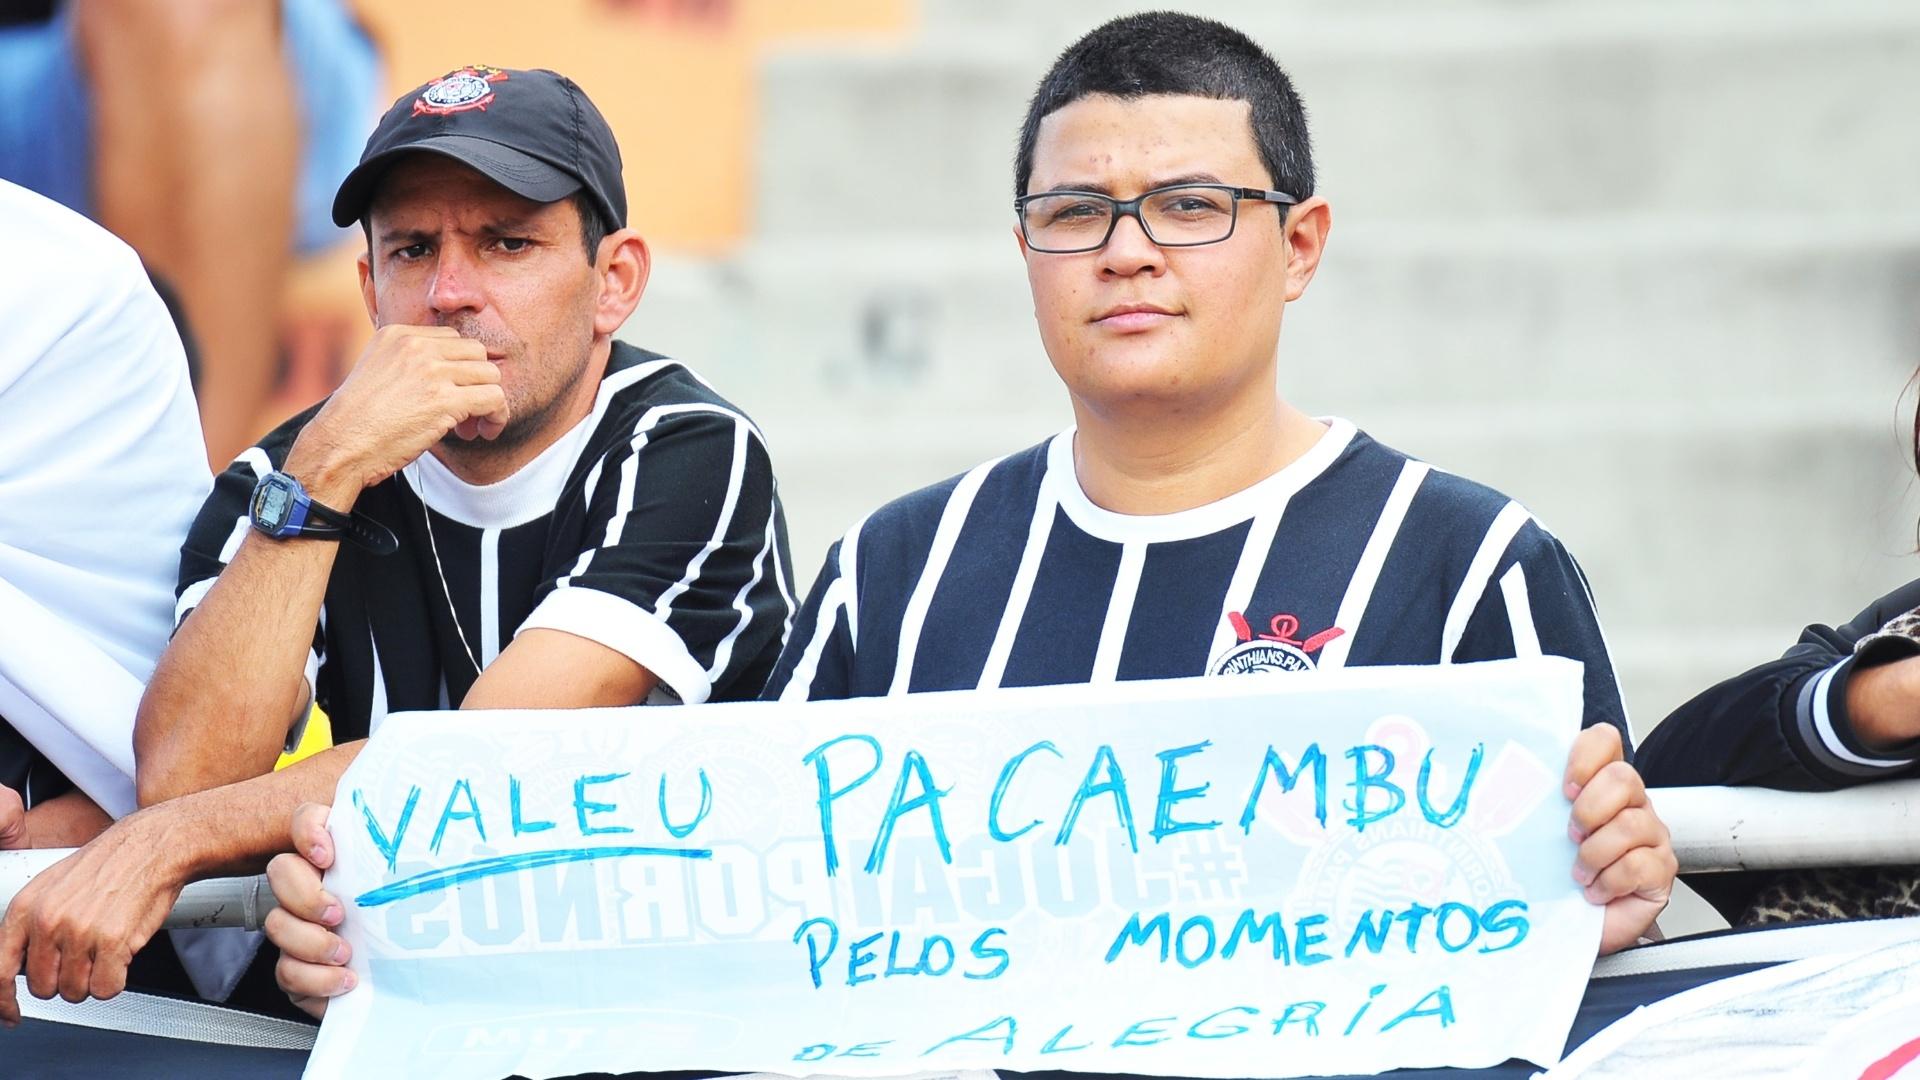 Torcedor leva faixa de agradecimento para a despedida do Pacaembu 27.abr.2014